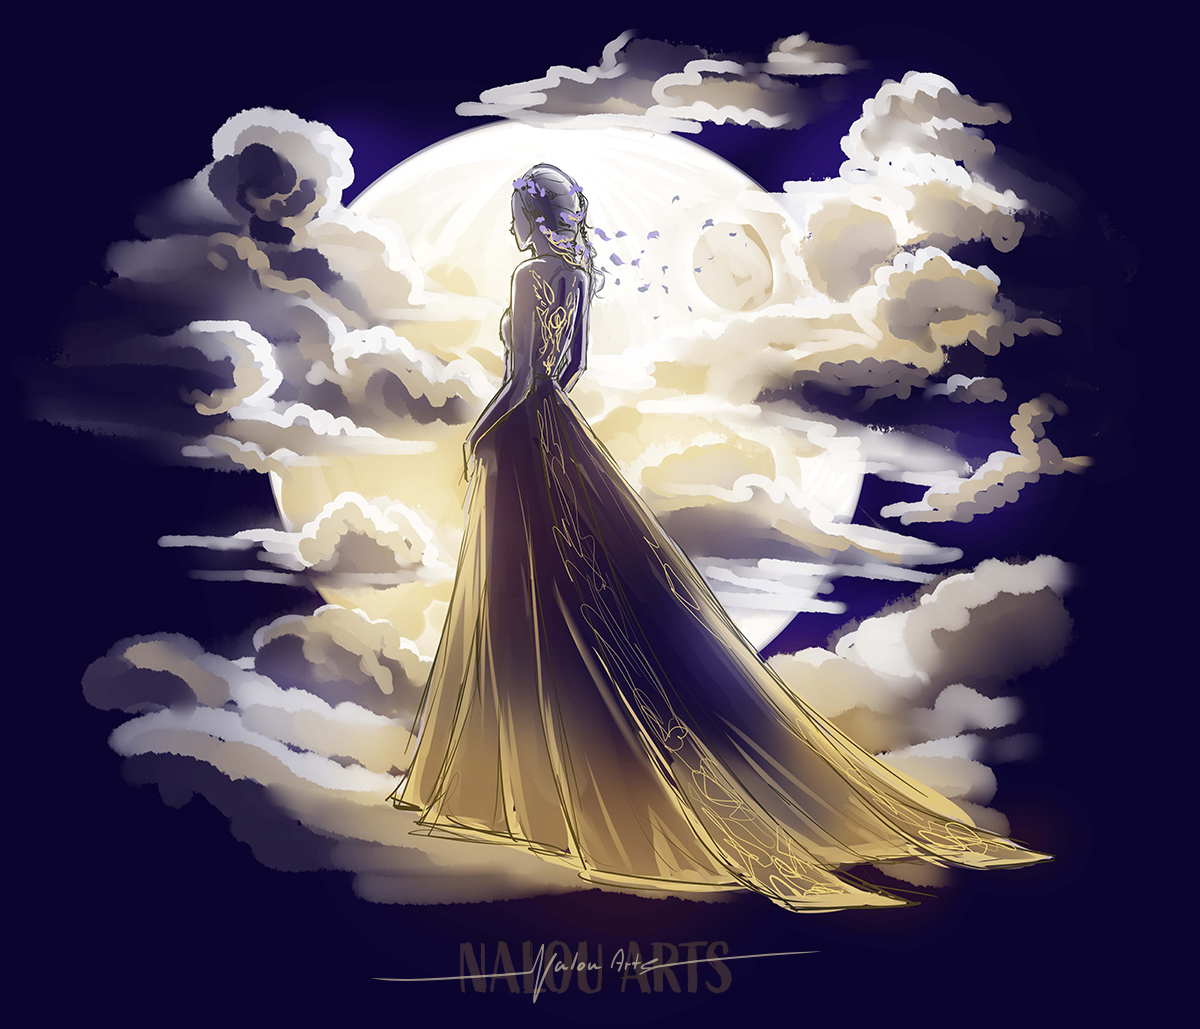 nalou_arts_above-the-nightsky